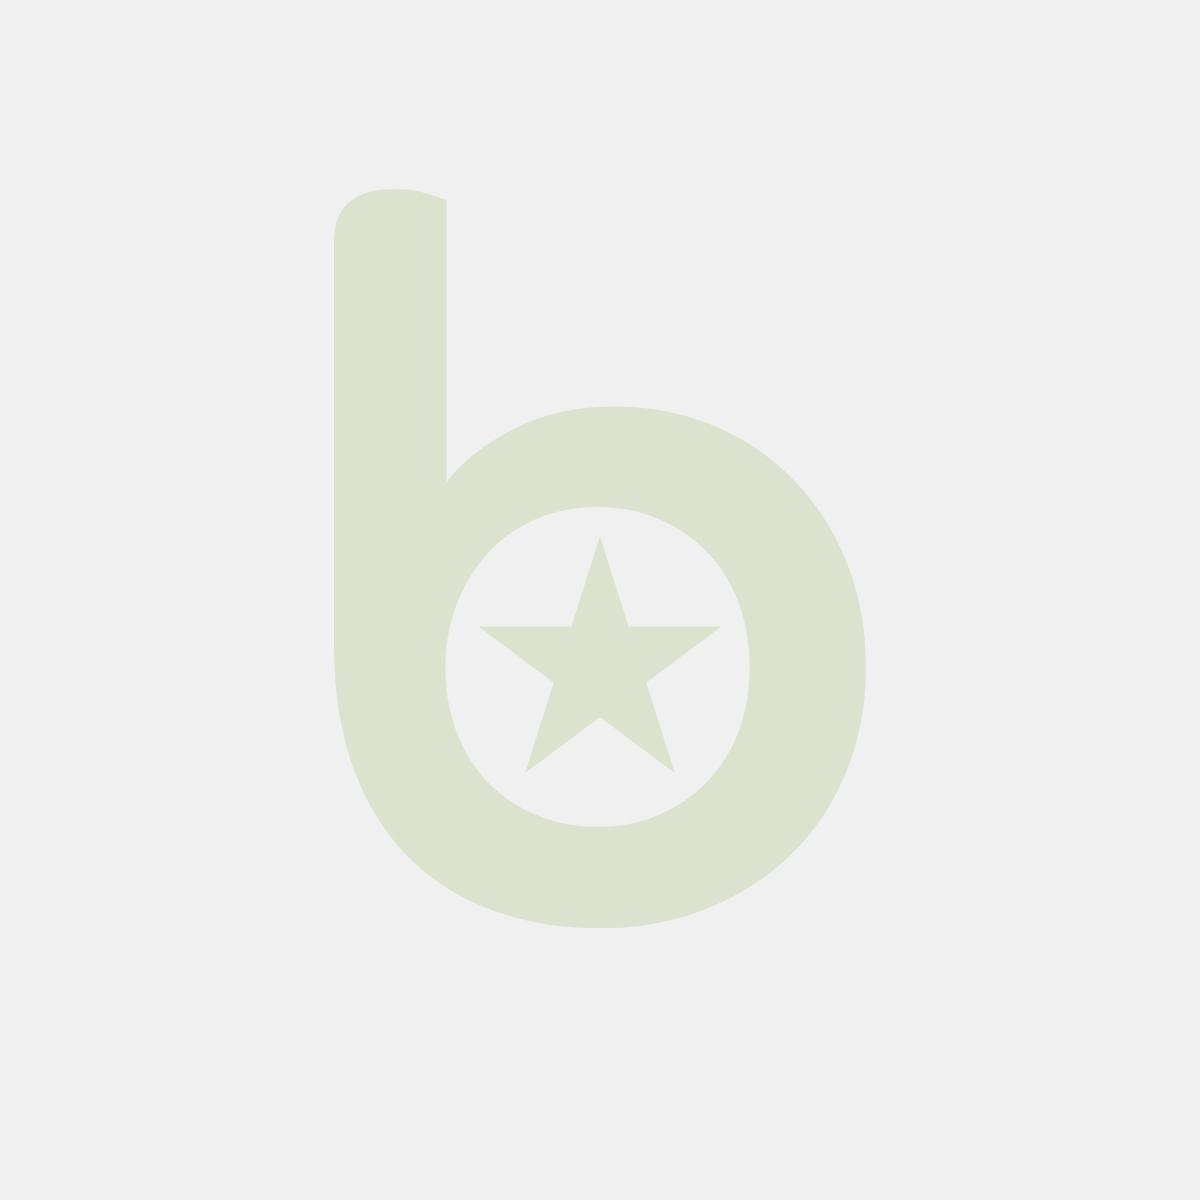 FINGERFOOD - patelnia złoto/czerń 25ml PS fi.5,5x9,4x(h)1,5cm, op. 24 sztuki